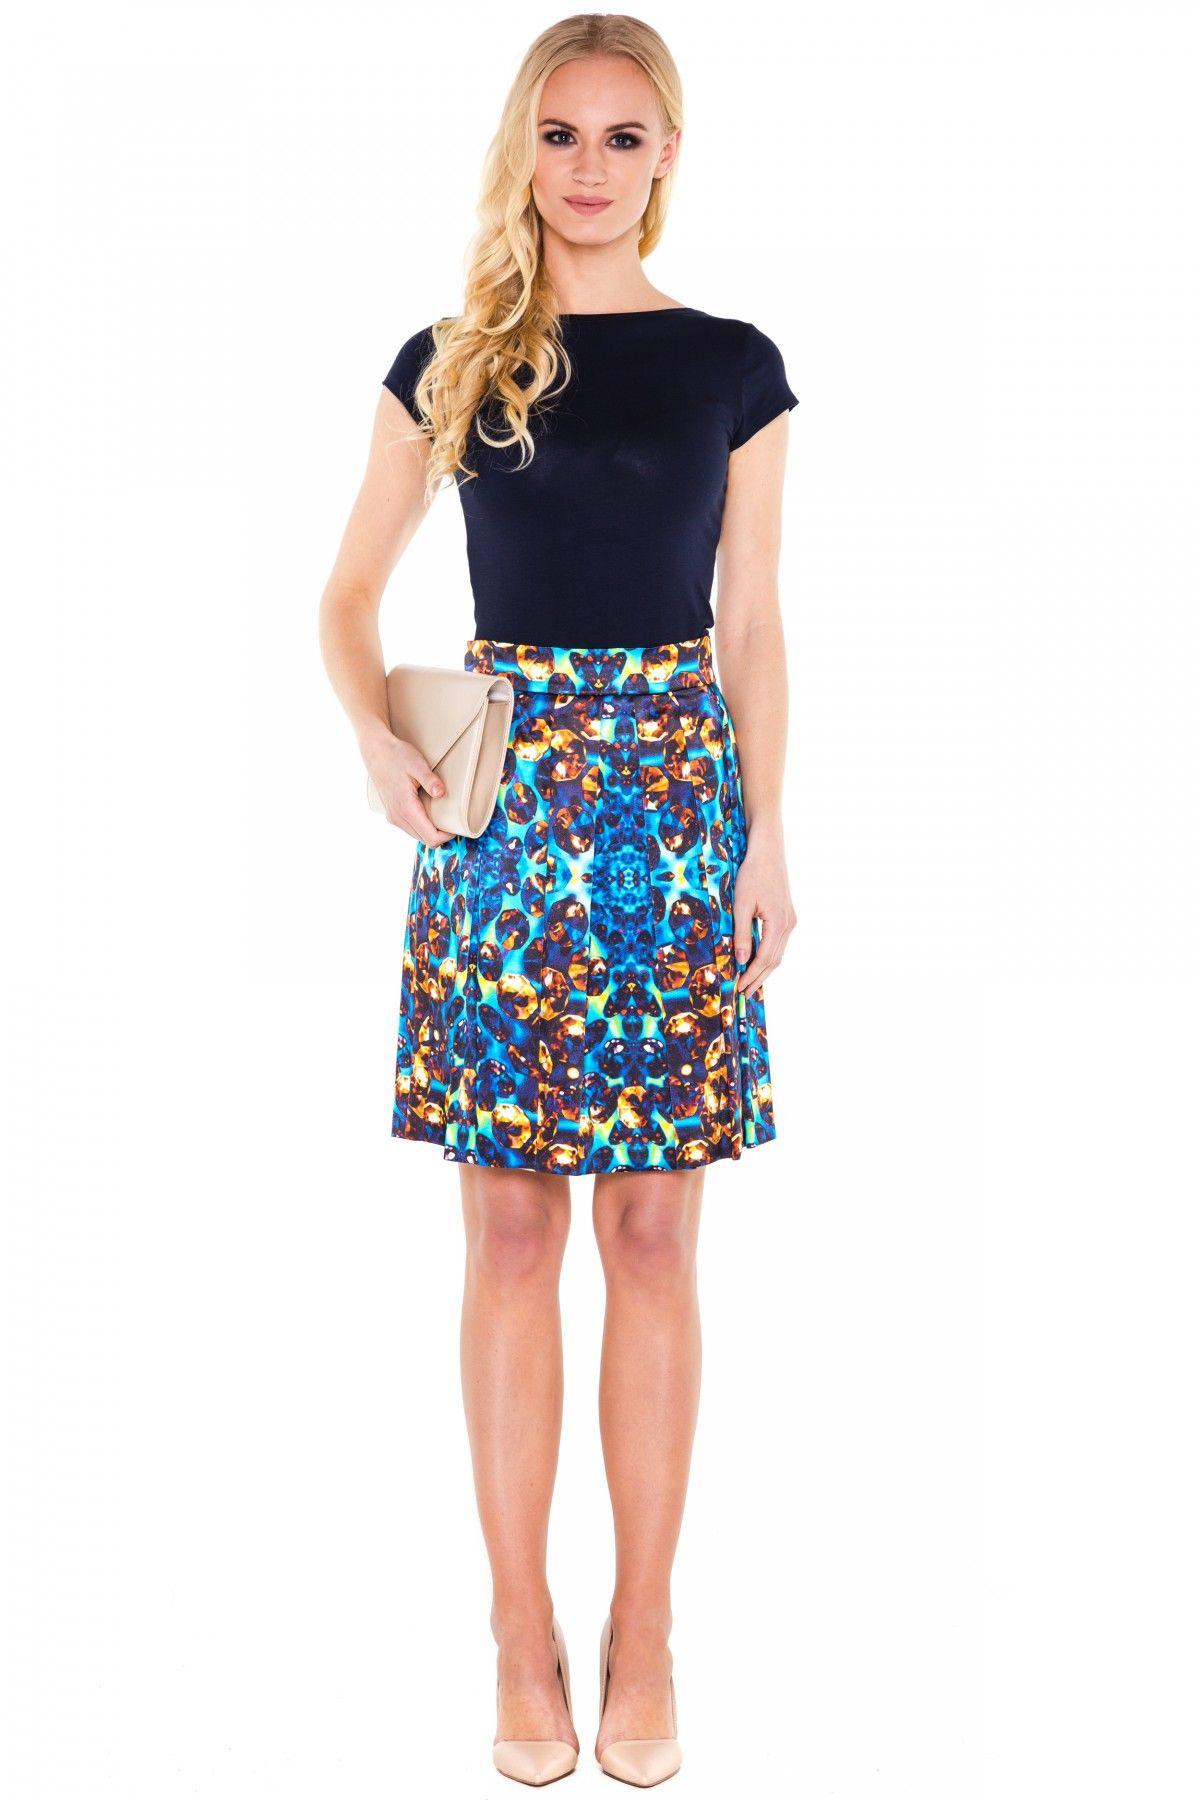 d5750e3e285f9d Niebieska spódnica we wzory - L'ame de Femme | Flower Power - LAME ...